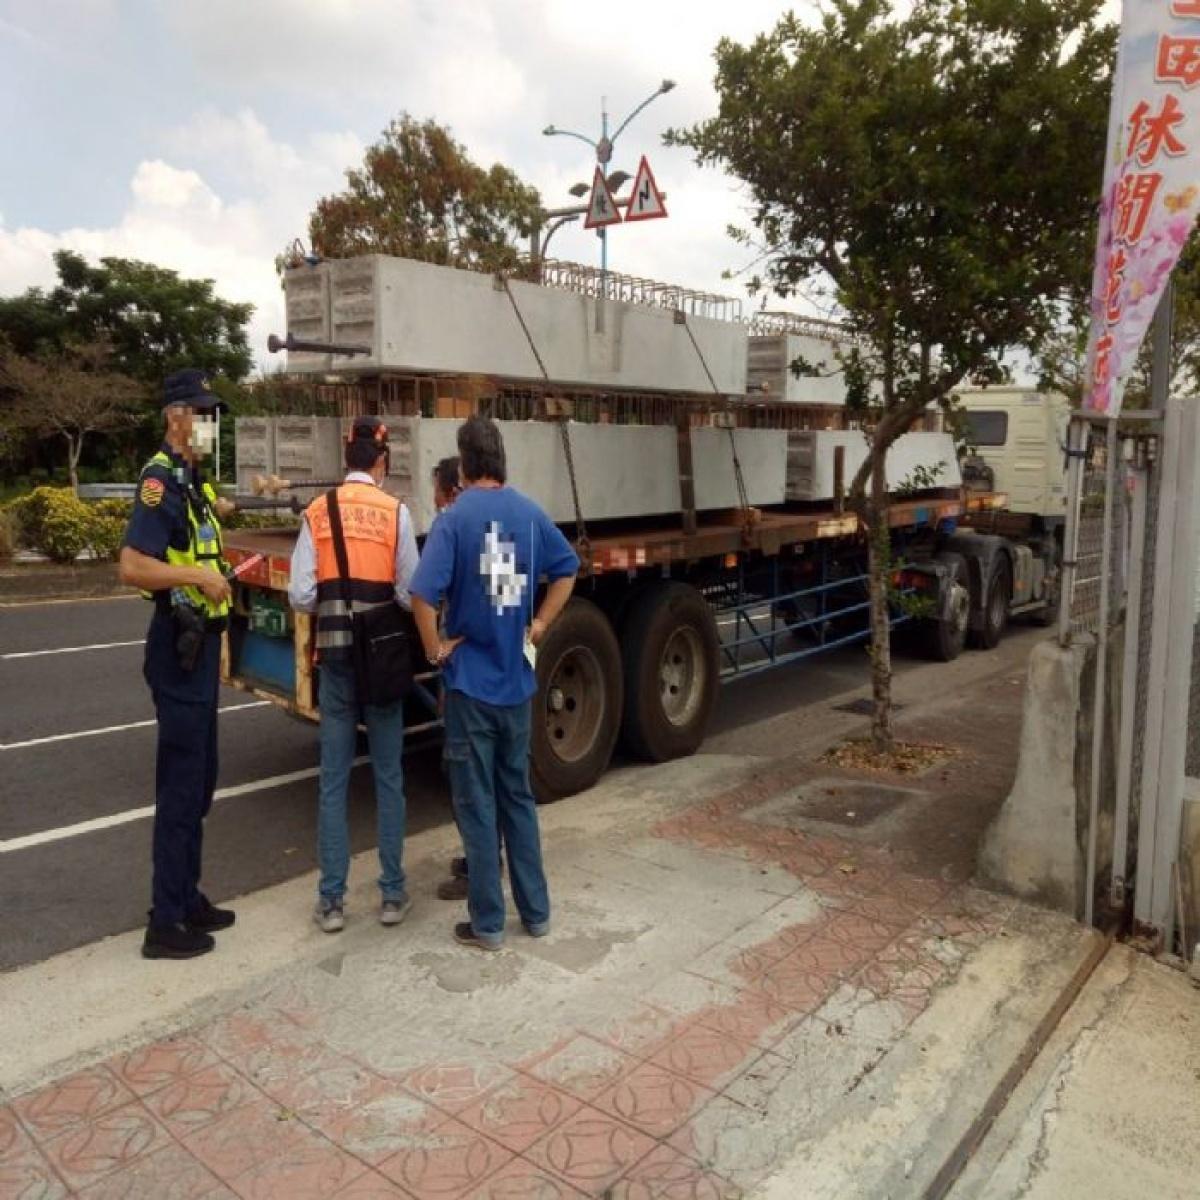 護運輸營運秩序 查獲自用貨車違規營業處重罰